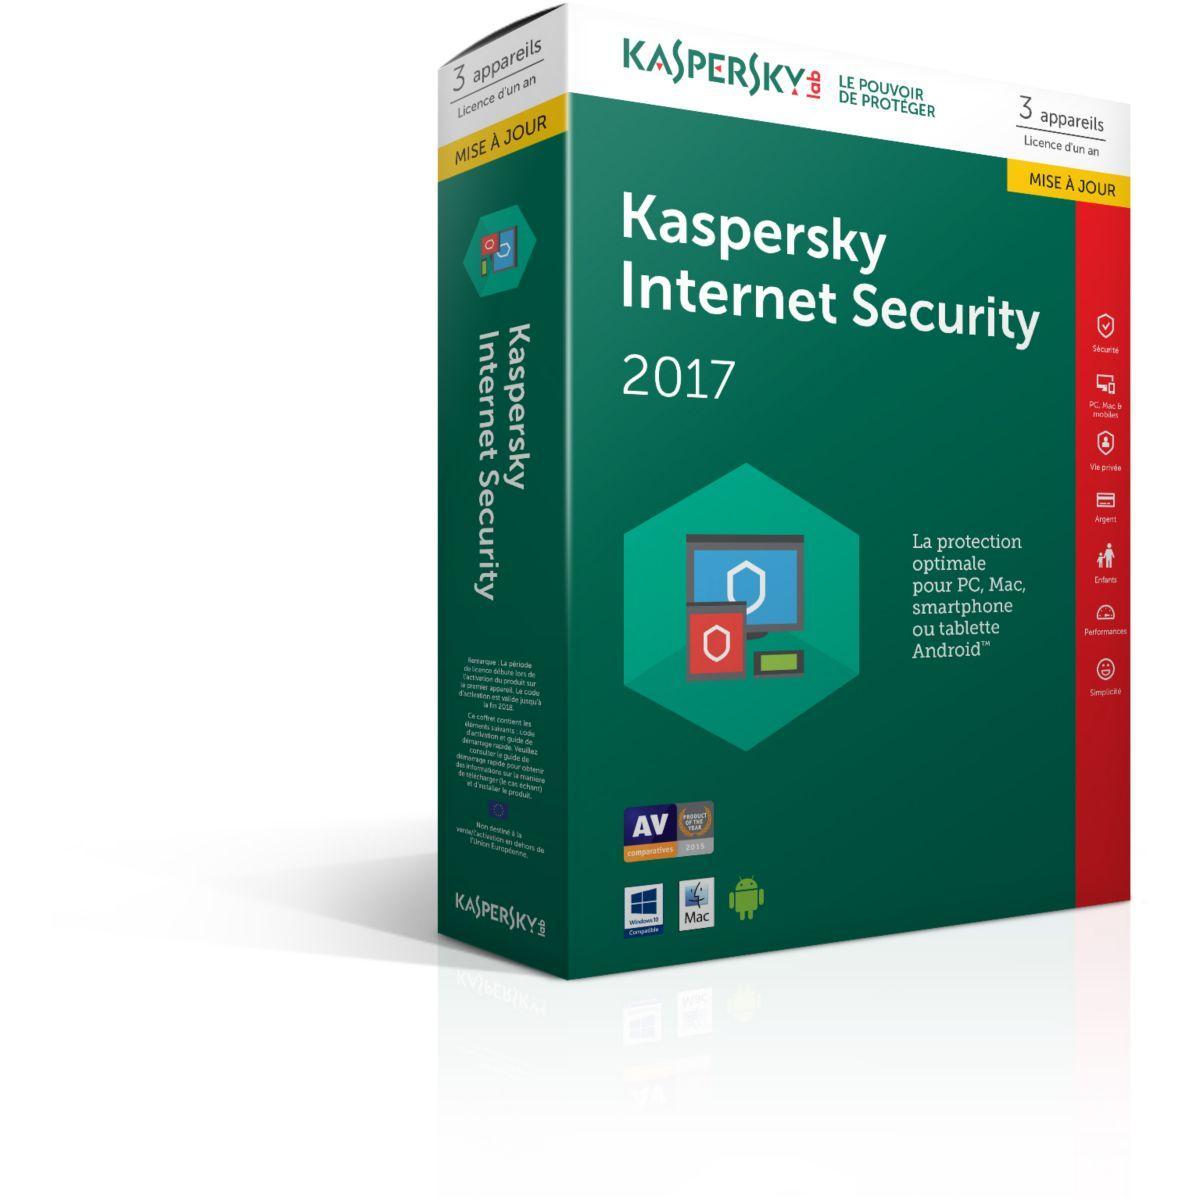 Logiciel antivirus pc kaspersky internet security 2017 3 postes / 1 an maj - 15% de remise immédiate avec le code : cash15 (photo)